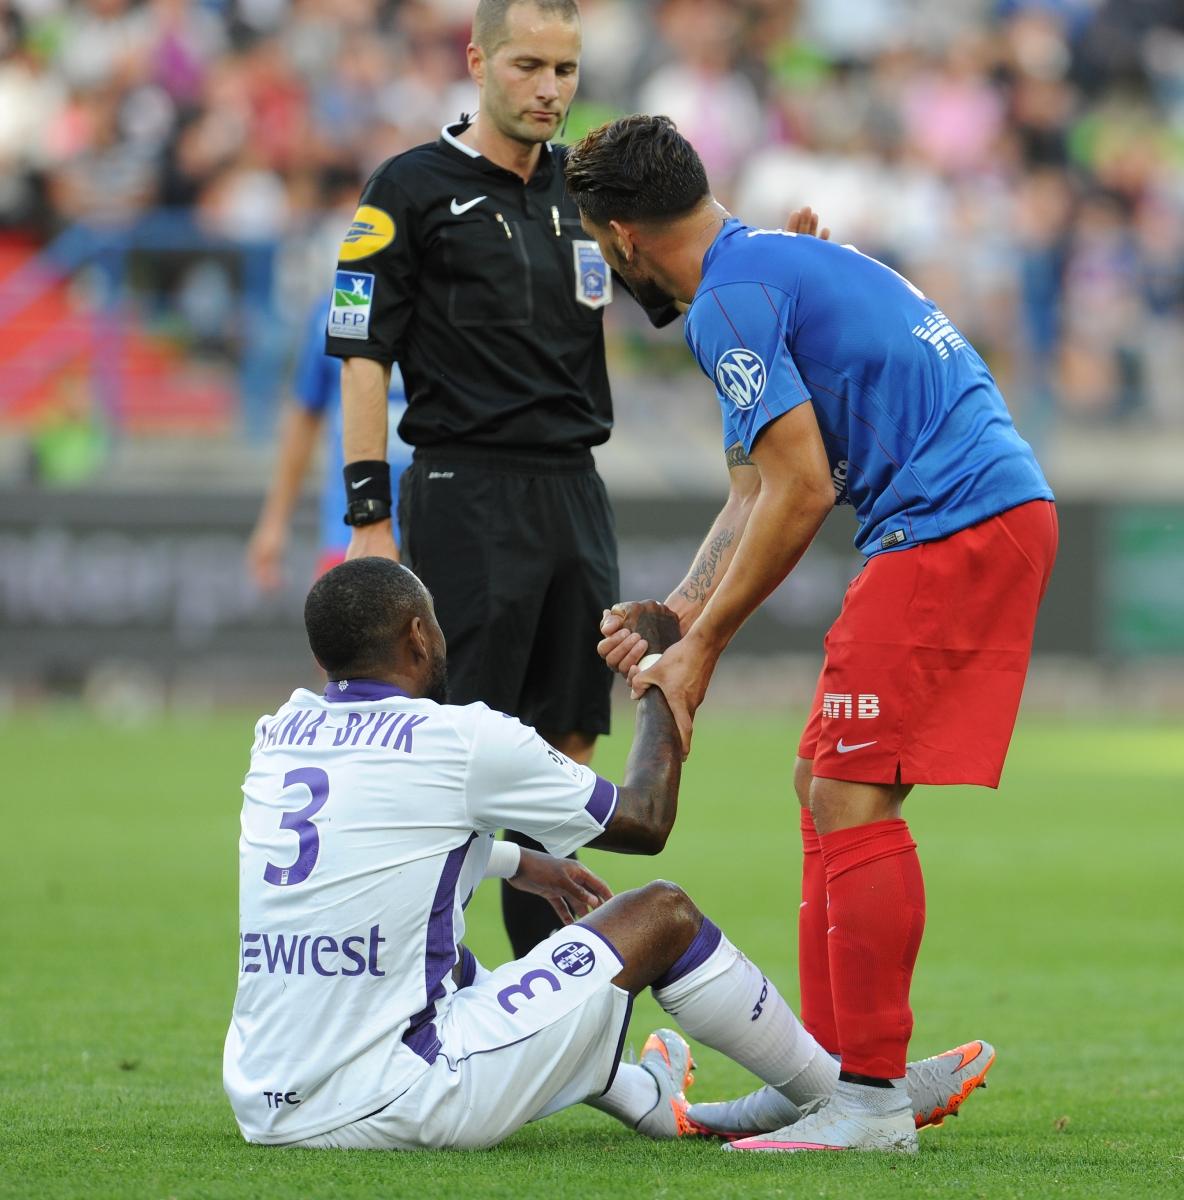 [24e journée de L1] Lille OSC 1-0 SM Caen  Fair_play